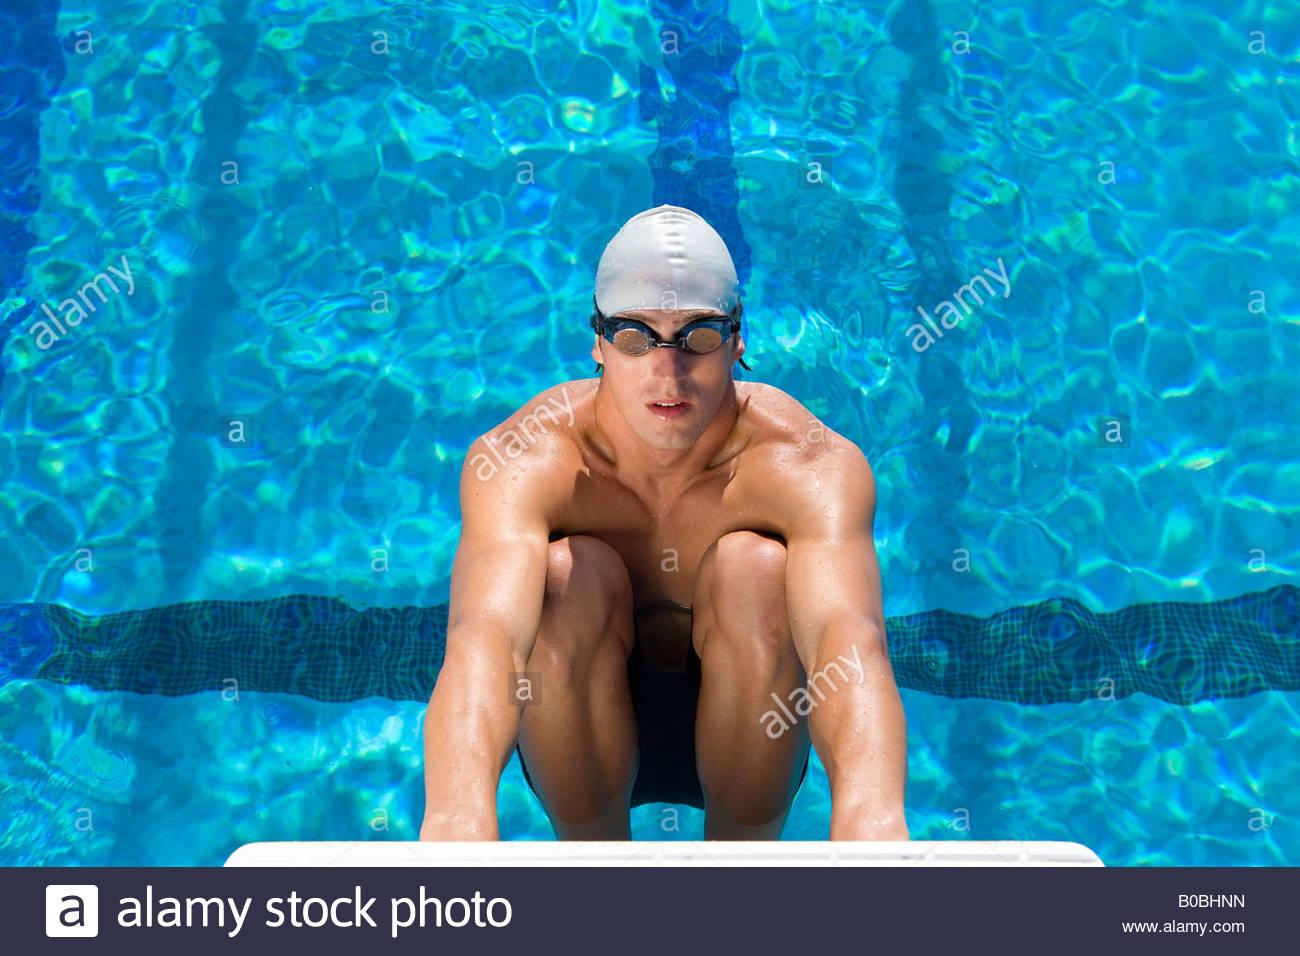 Nadador masculino en bloque inicial, vista elevada Imagen De Stock